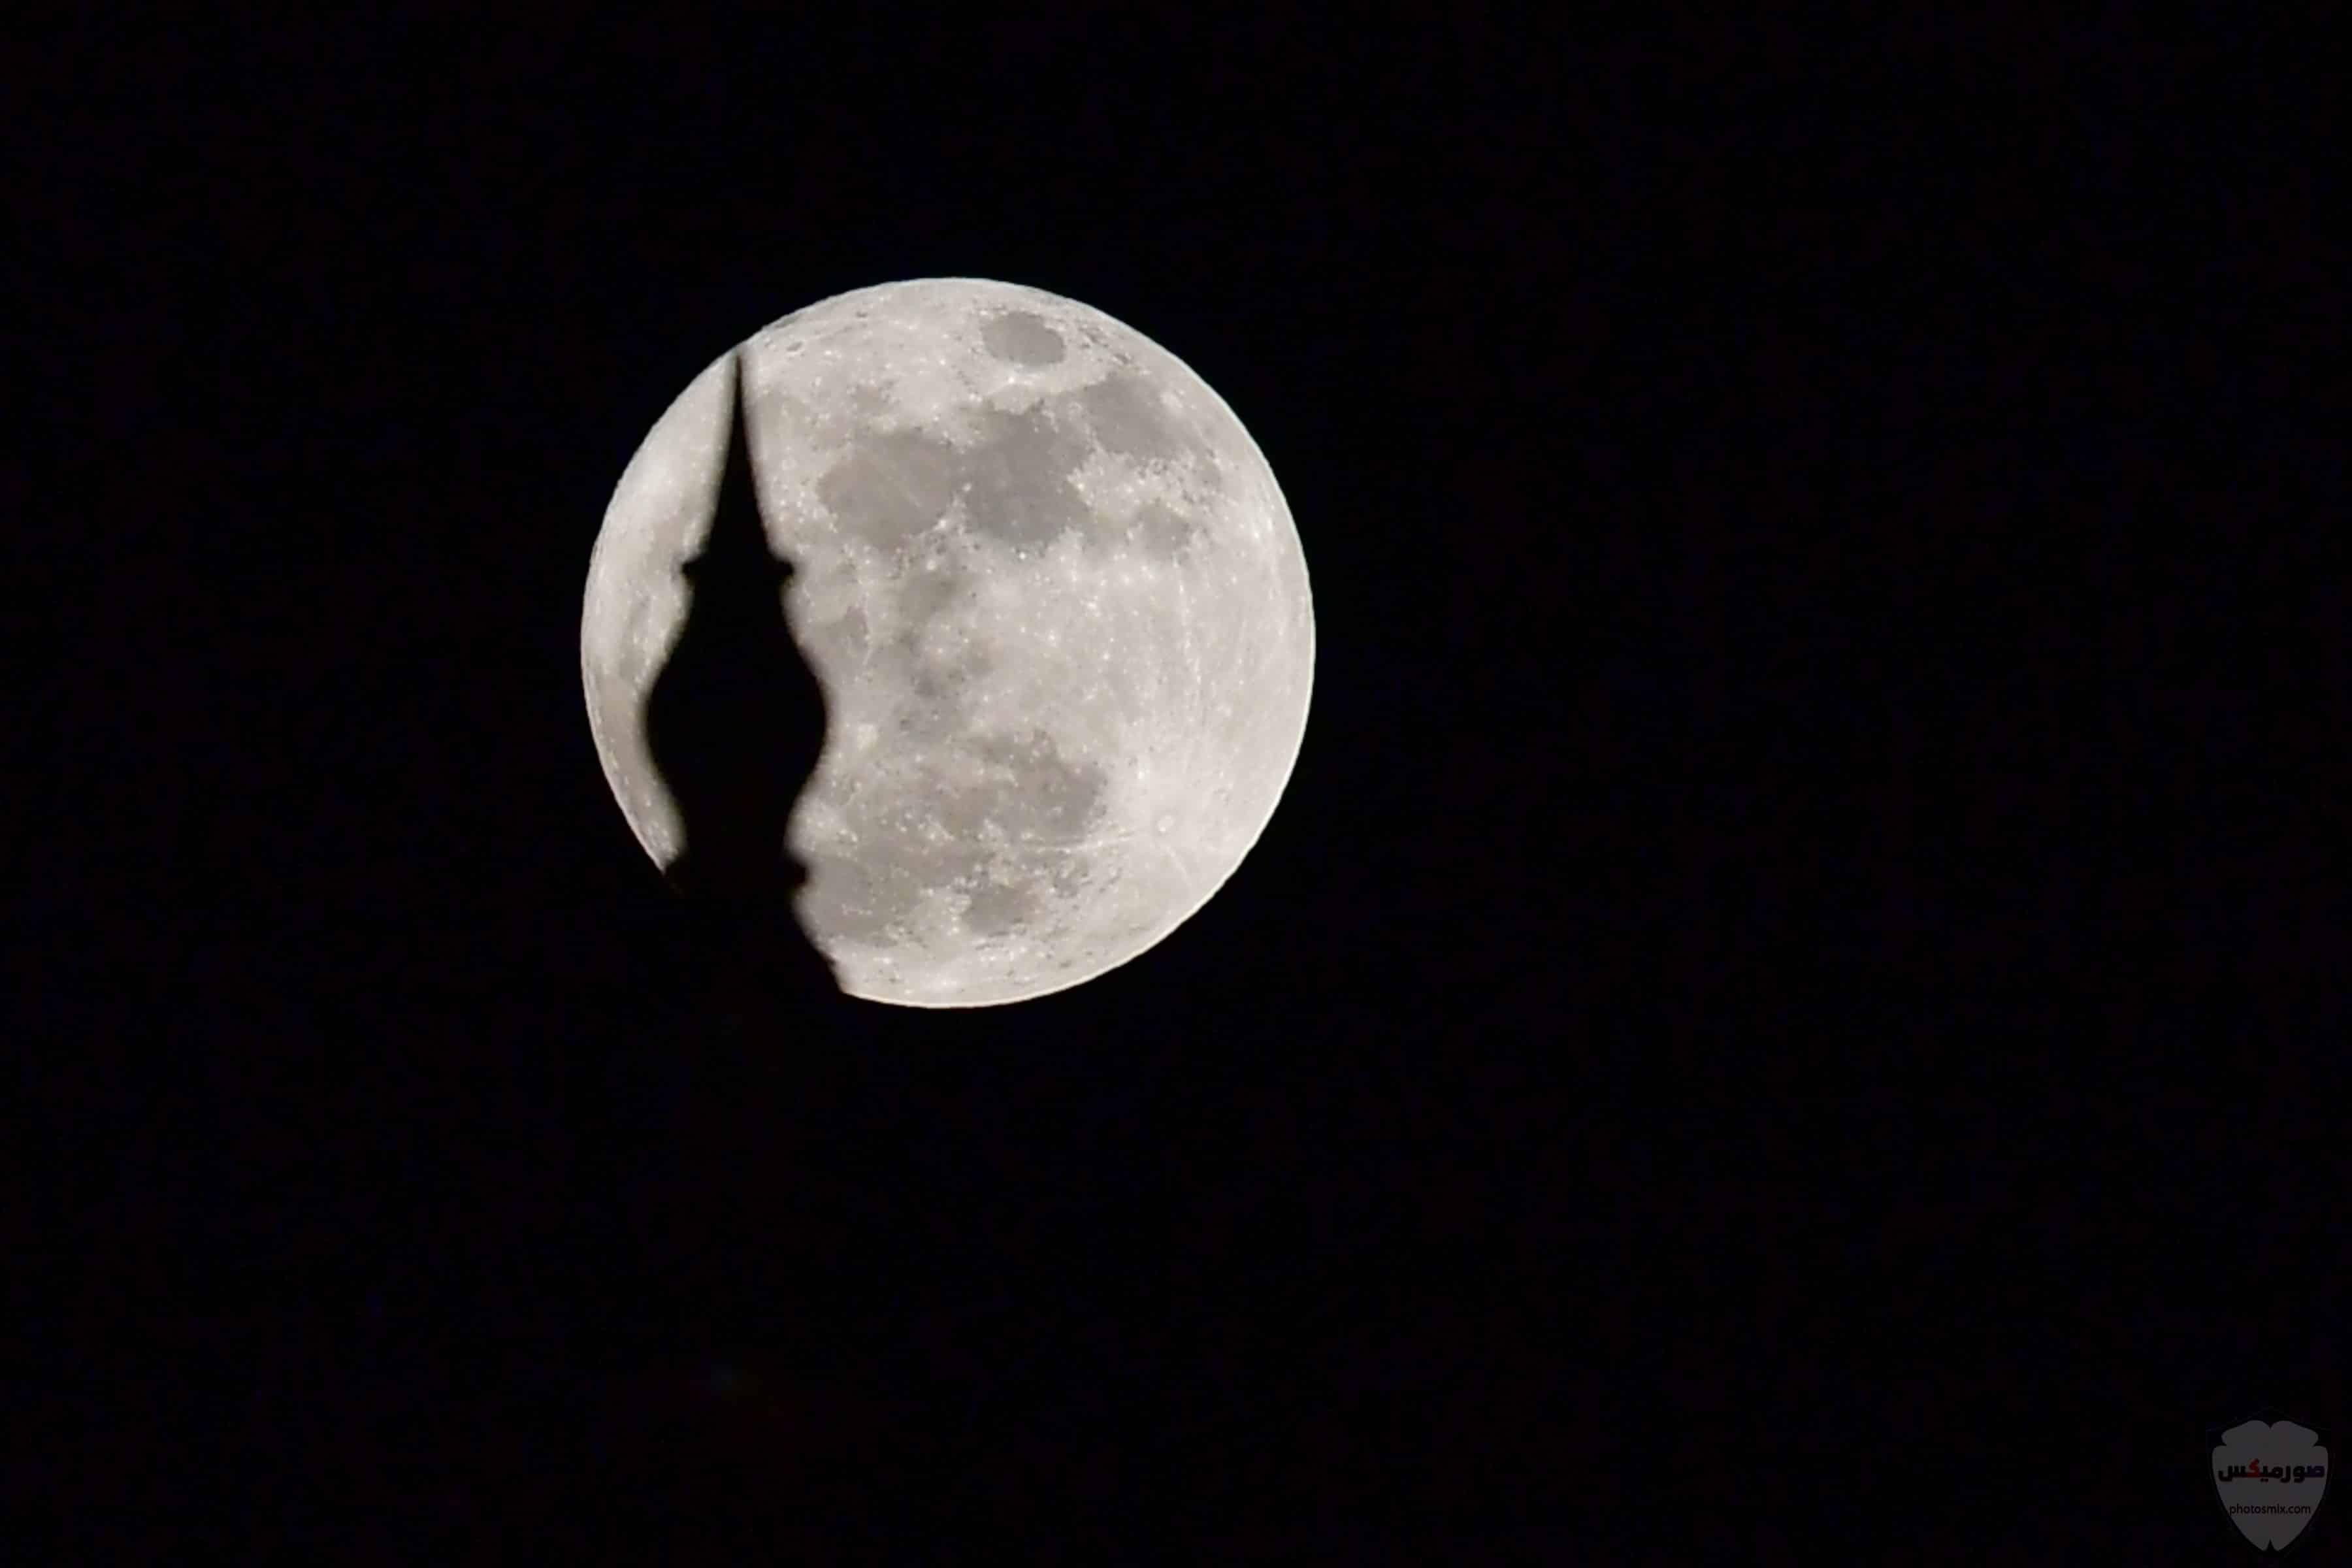 اجمل خلفيات و صور للقمر moon 2020 8